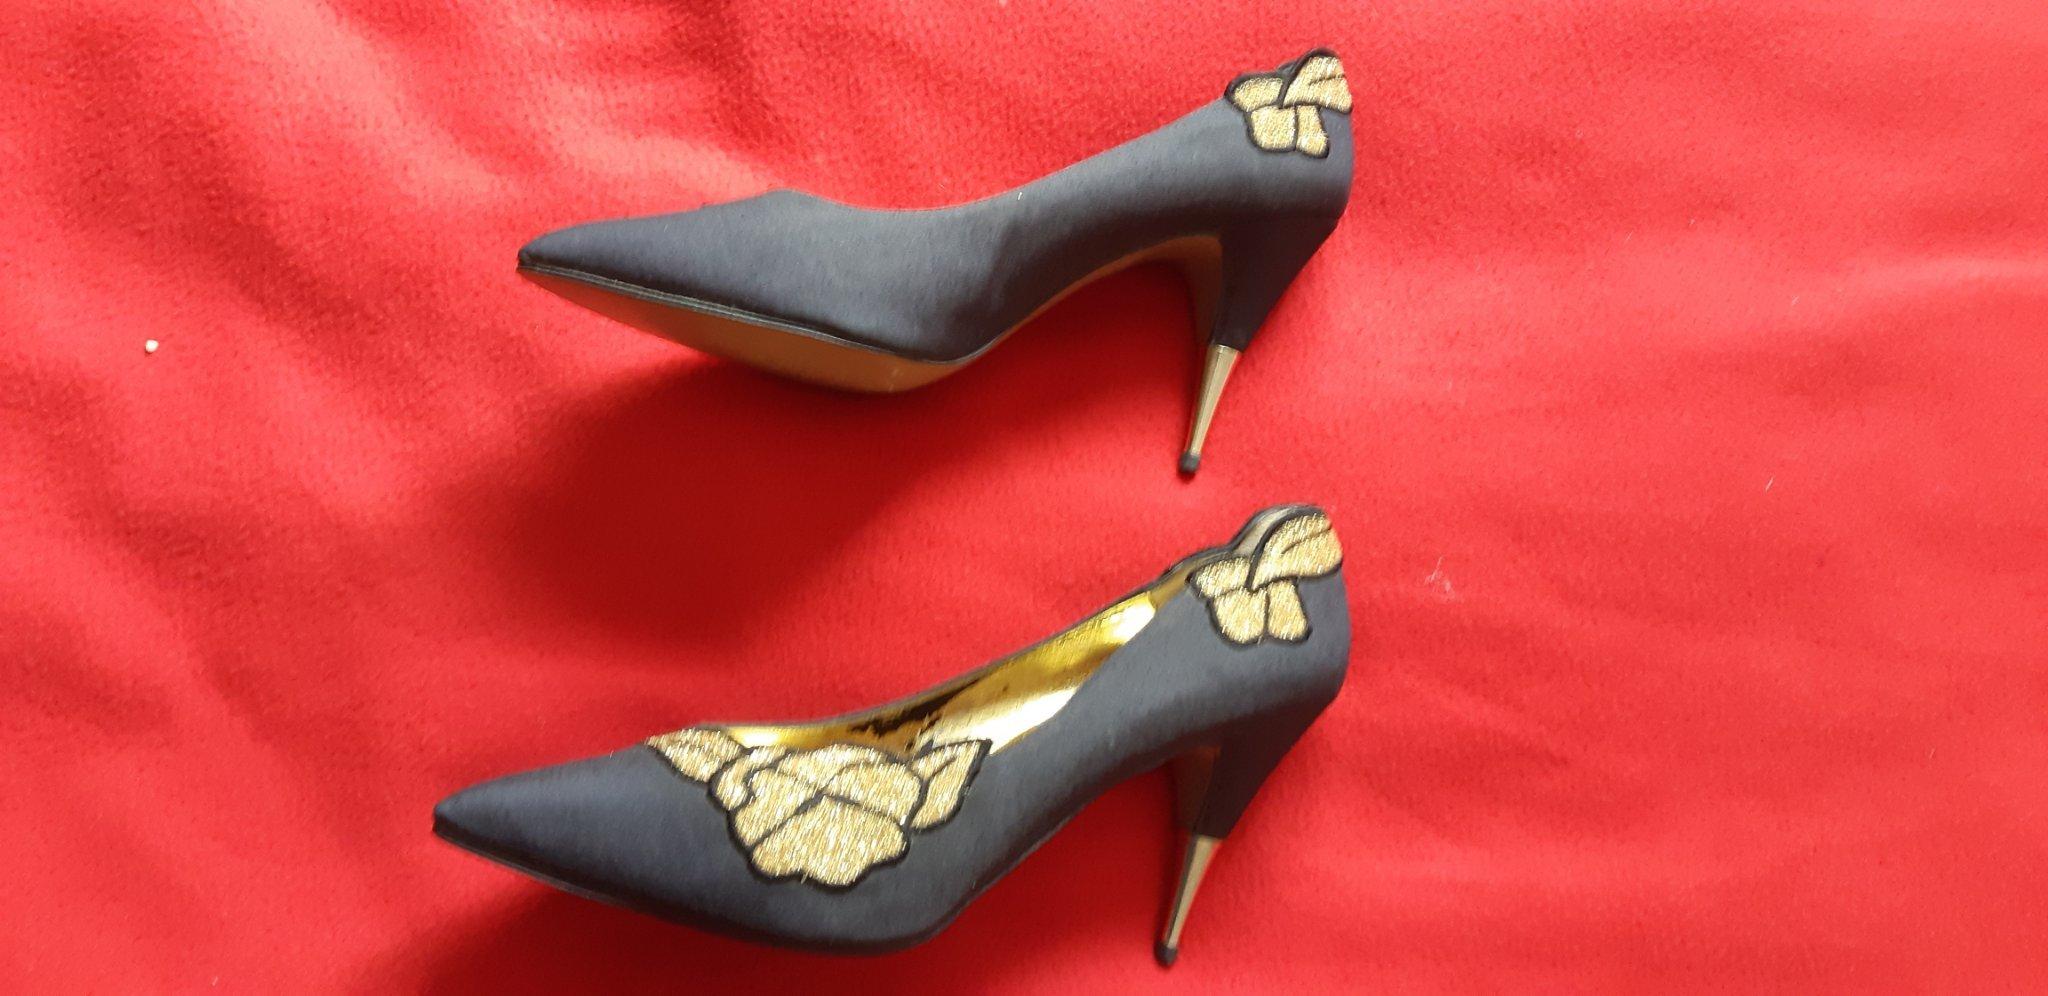 7421718b094 Spanska högklackade skor, svart/guld med fina dekorationer, stl 10, ...